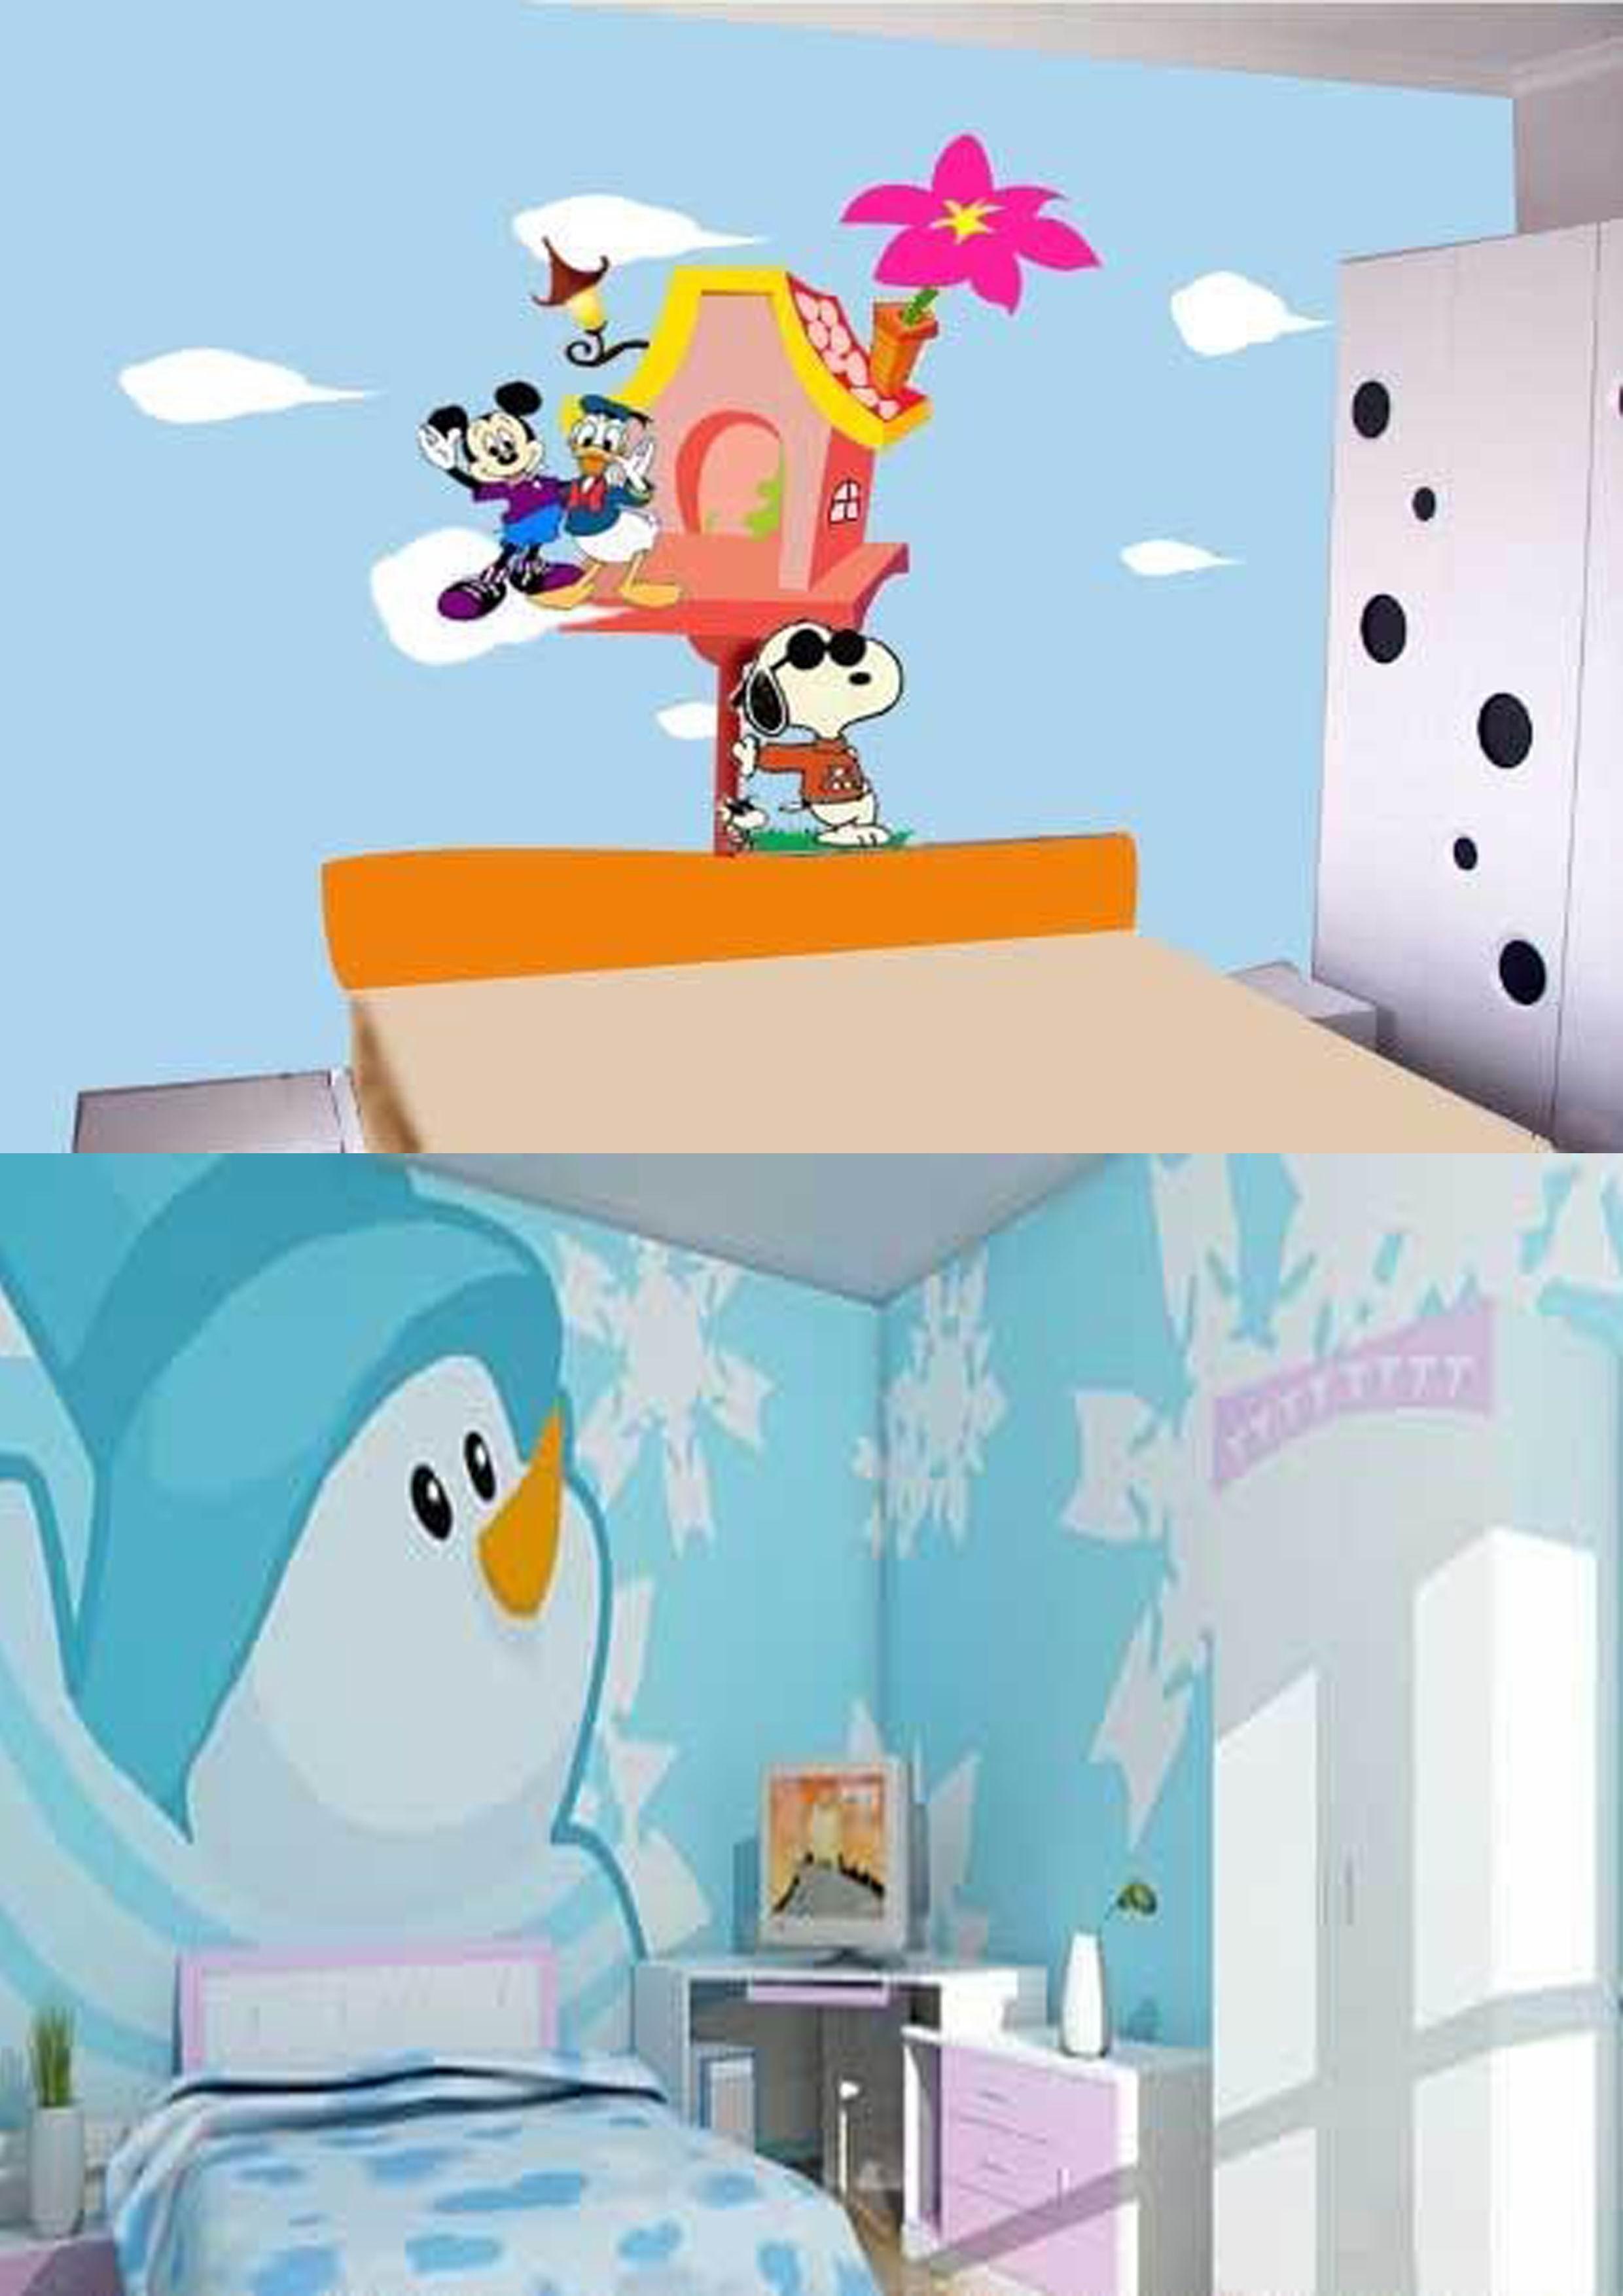 青岛周边教室手绘壁画-幼儿园手工喷绘